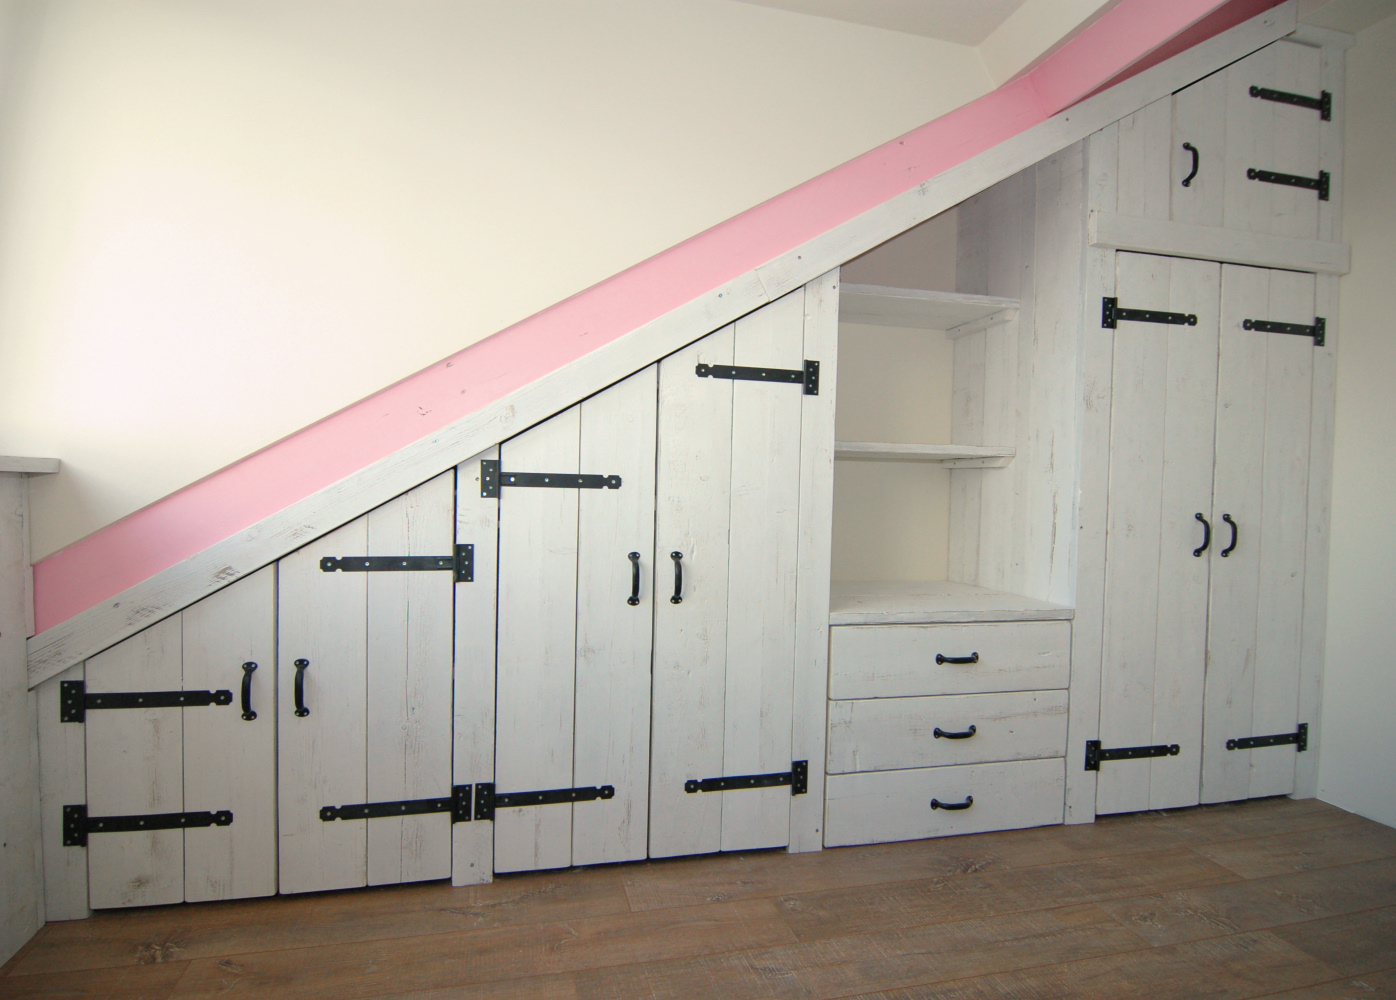 ... Behang : Slaapkamer steigerhout behang : Stoere steigerhout kasten